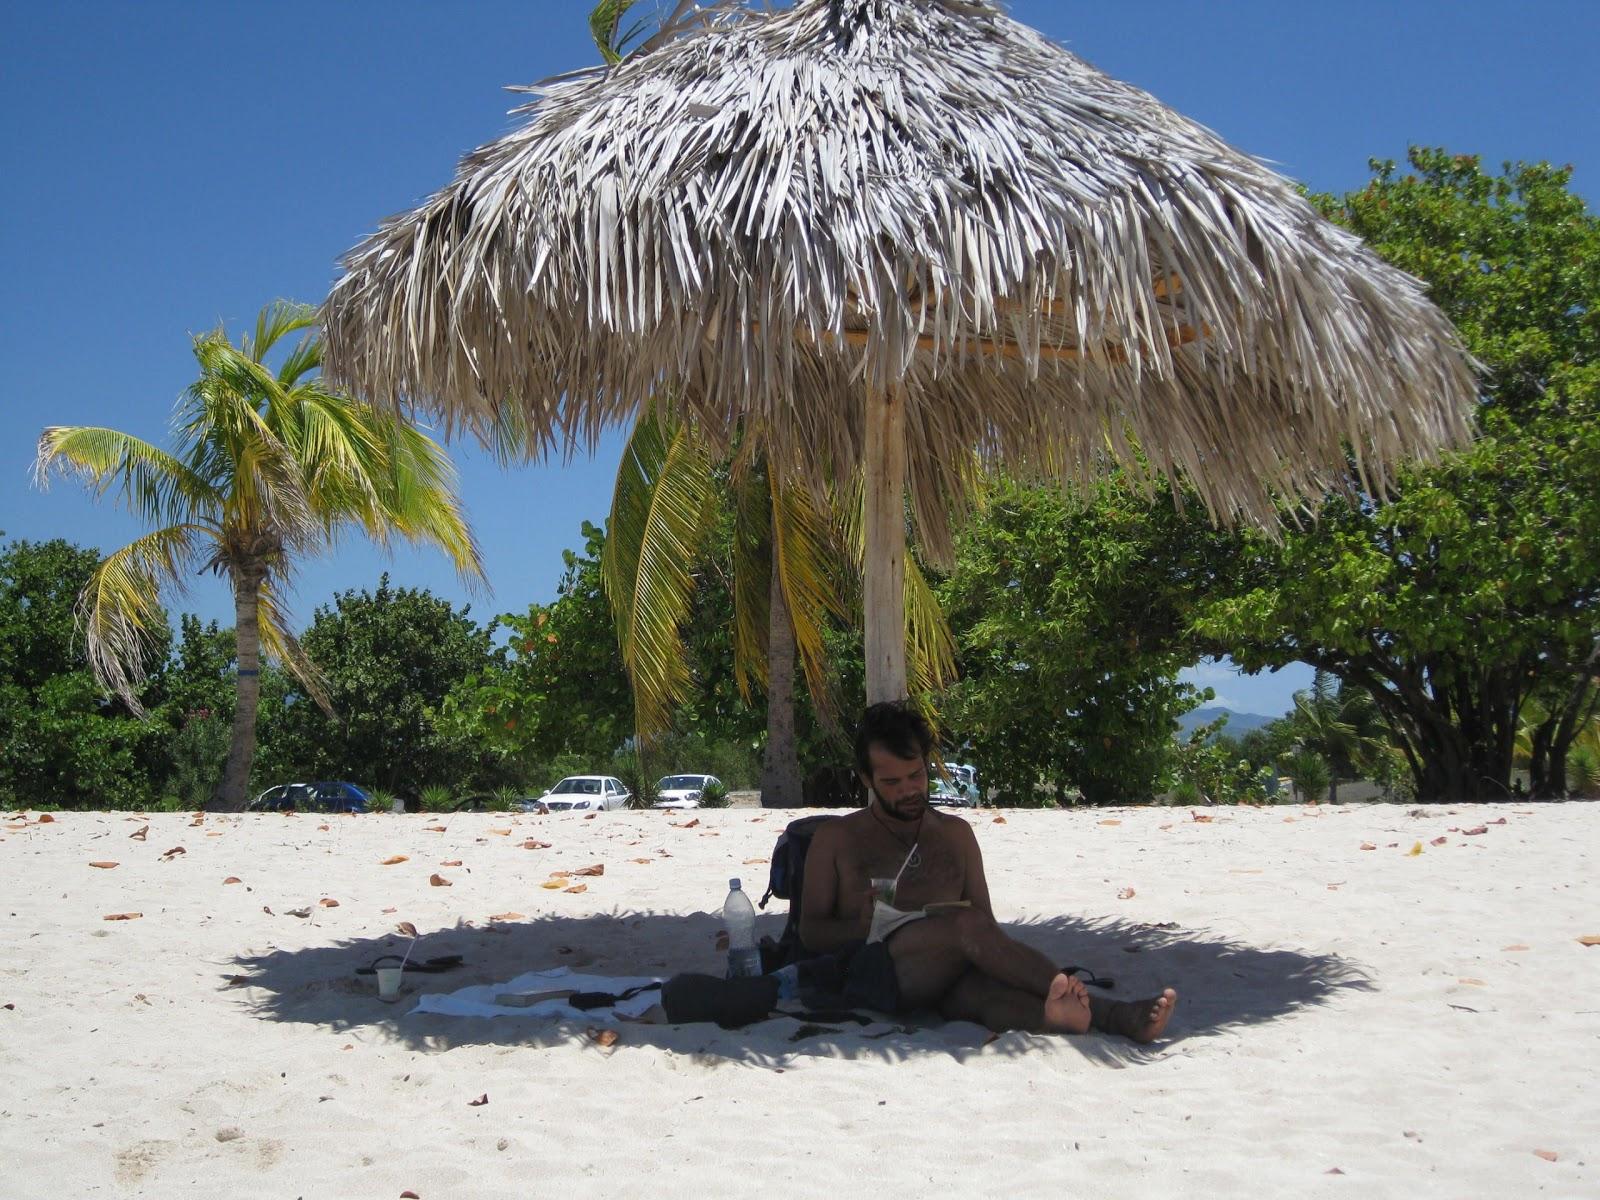 kuba gezi notlarm trinidad